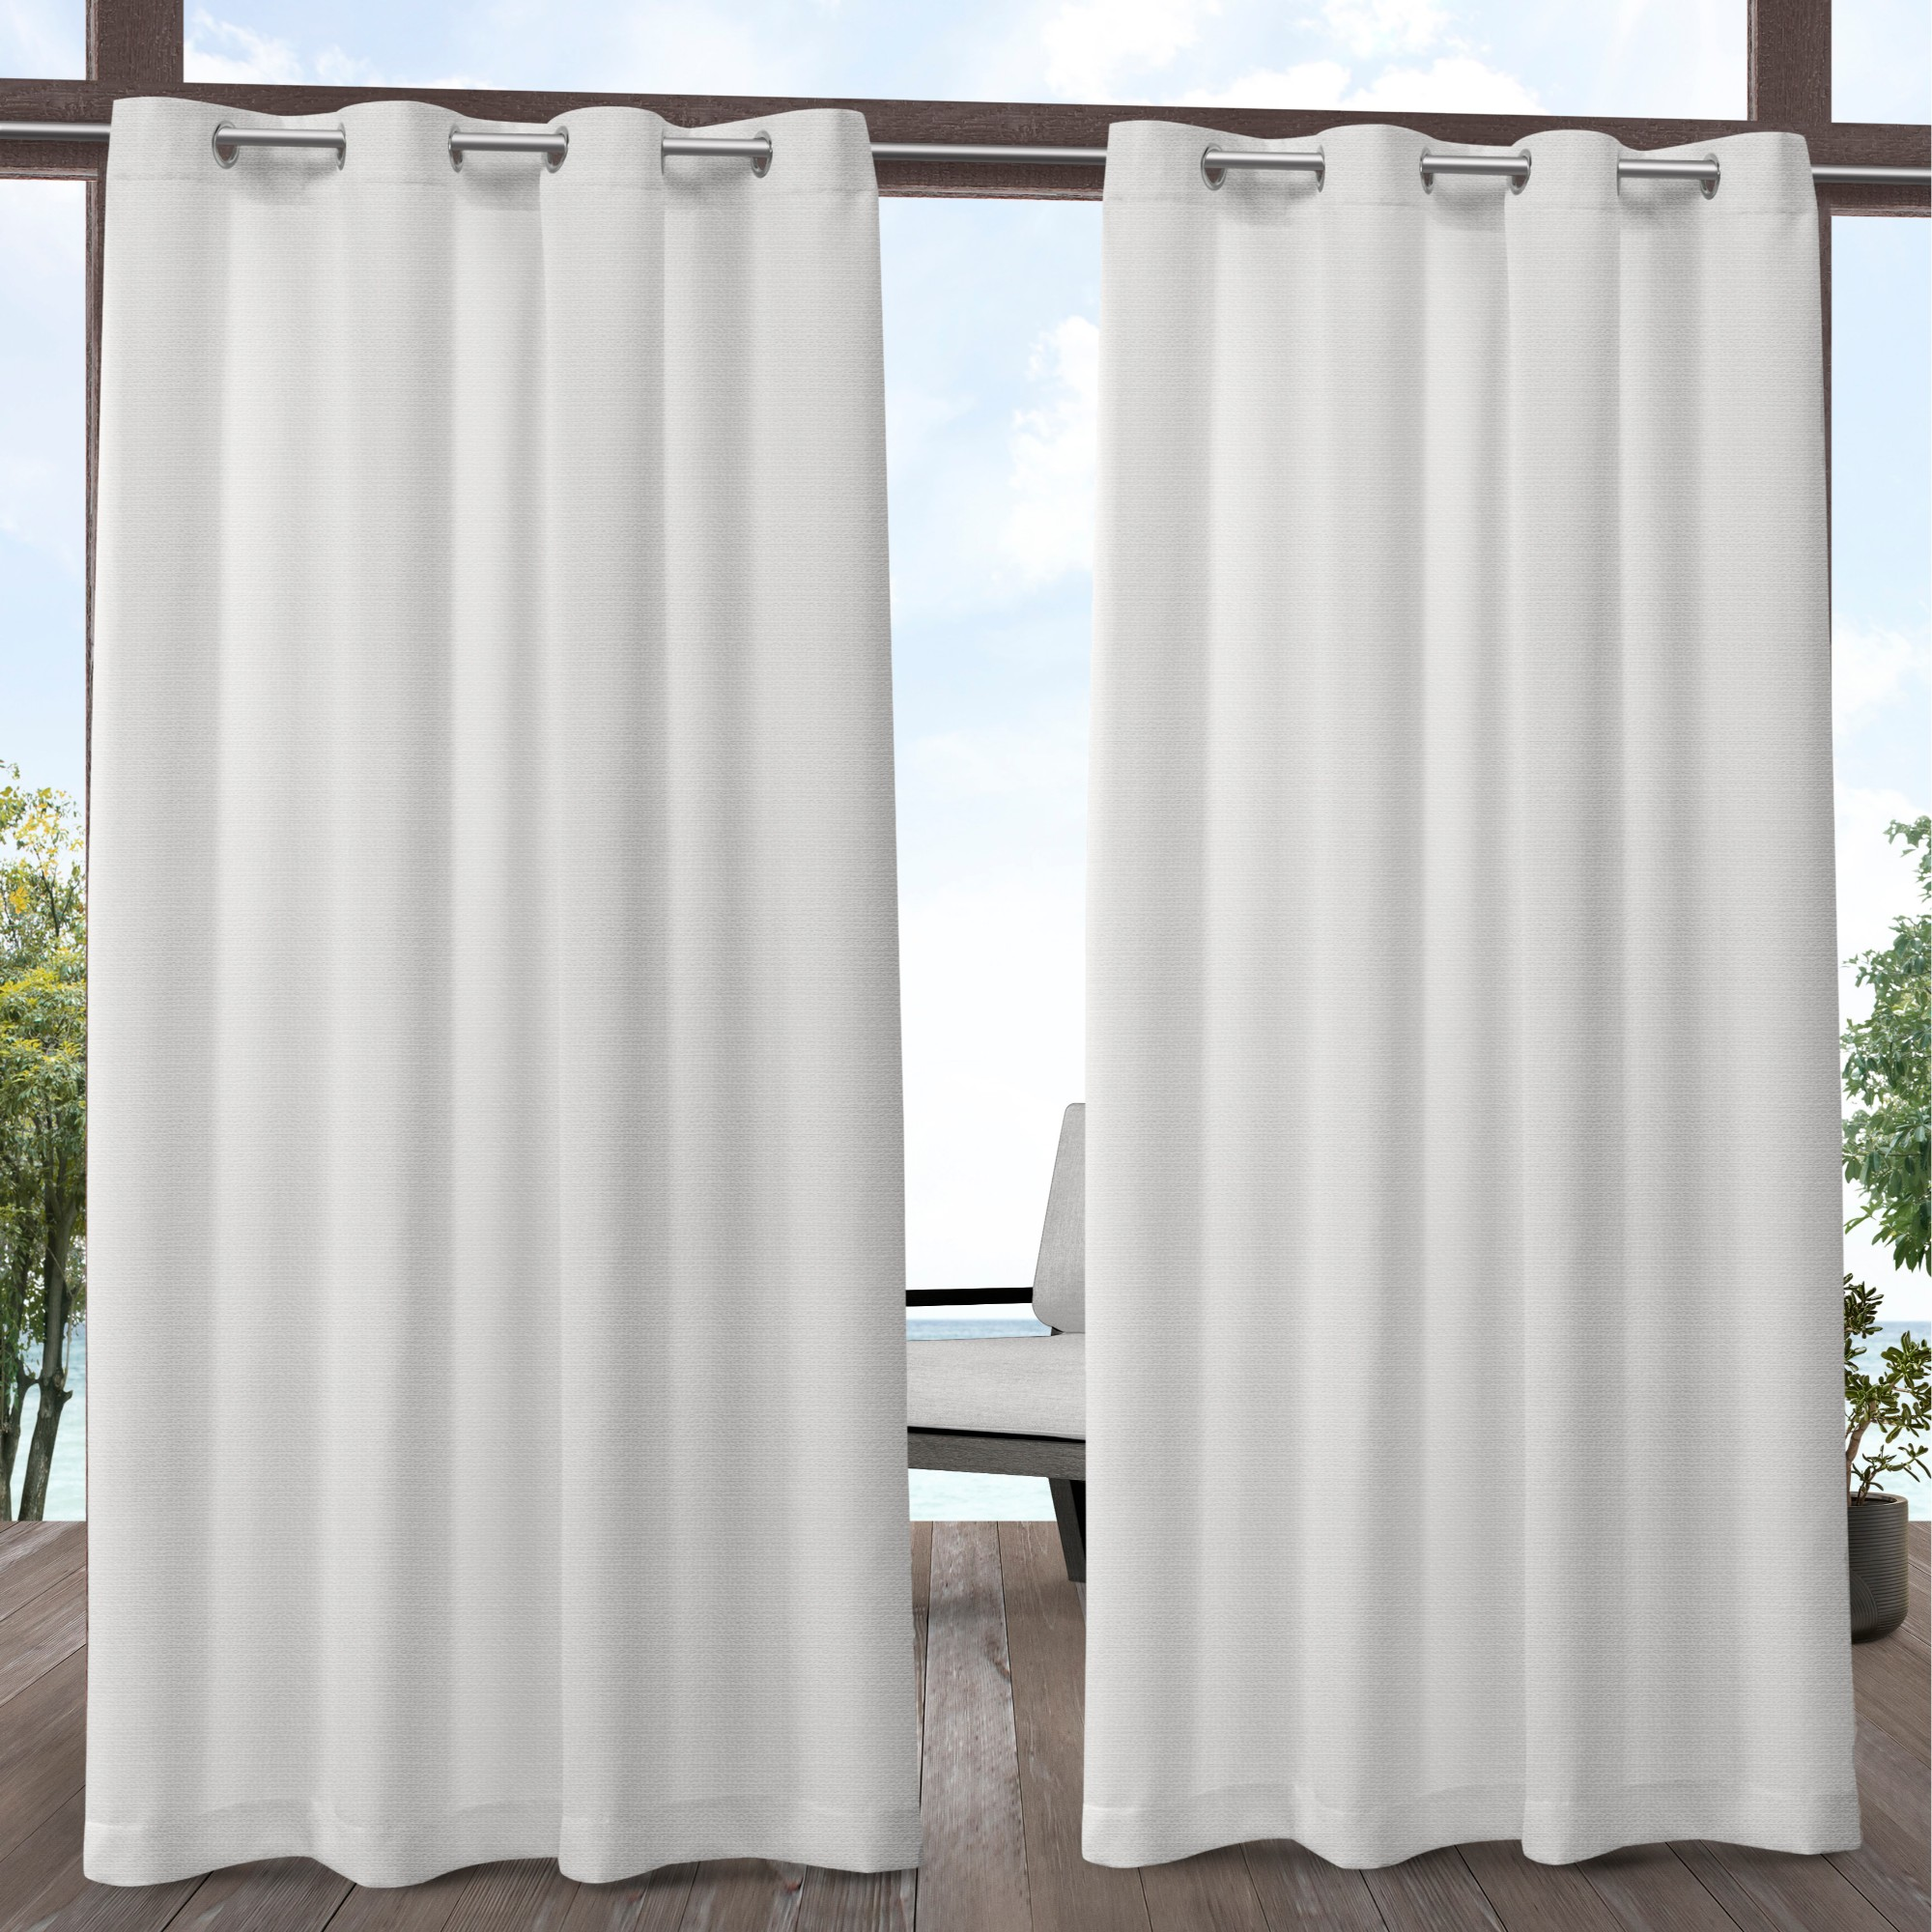 Exclusive Home Curtains 2 Pack Aztec Indoor/Outdoor Grommet Top Curtain Panels